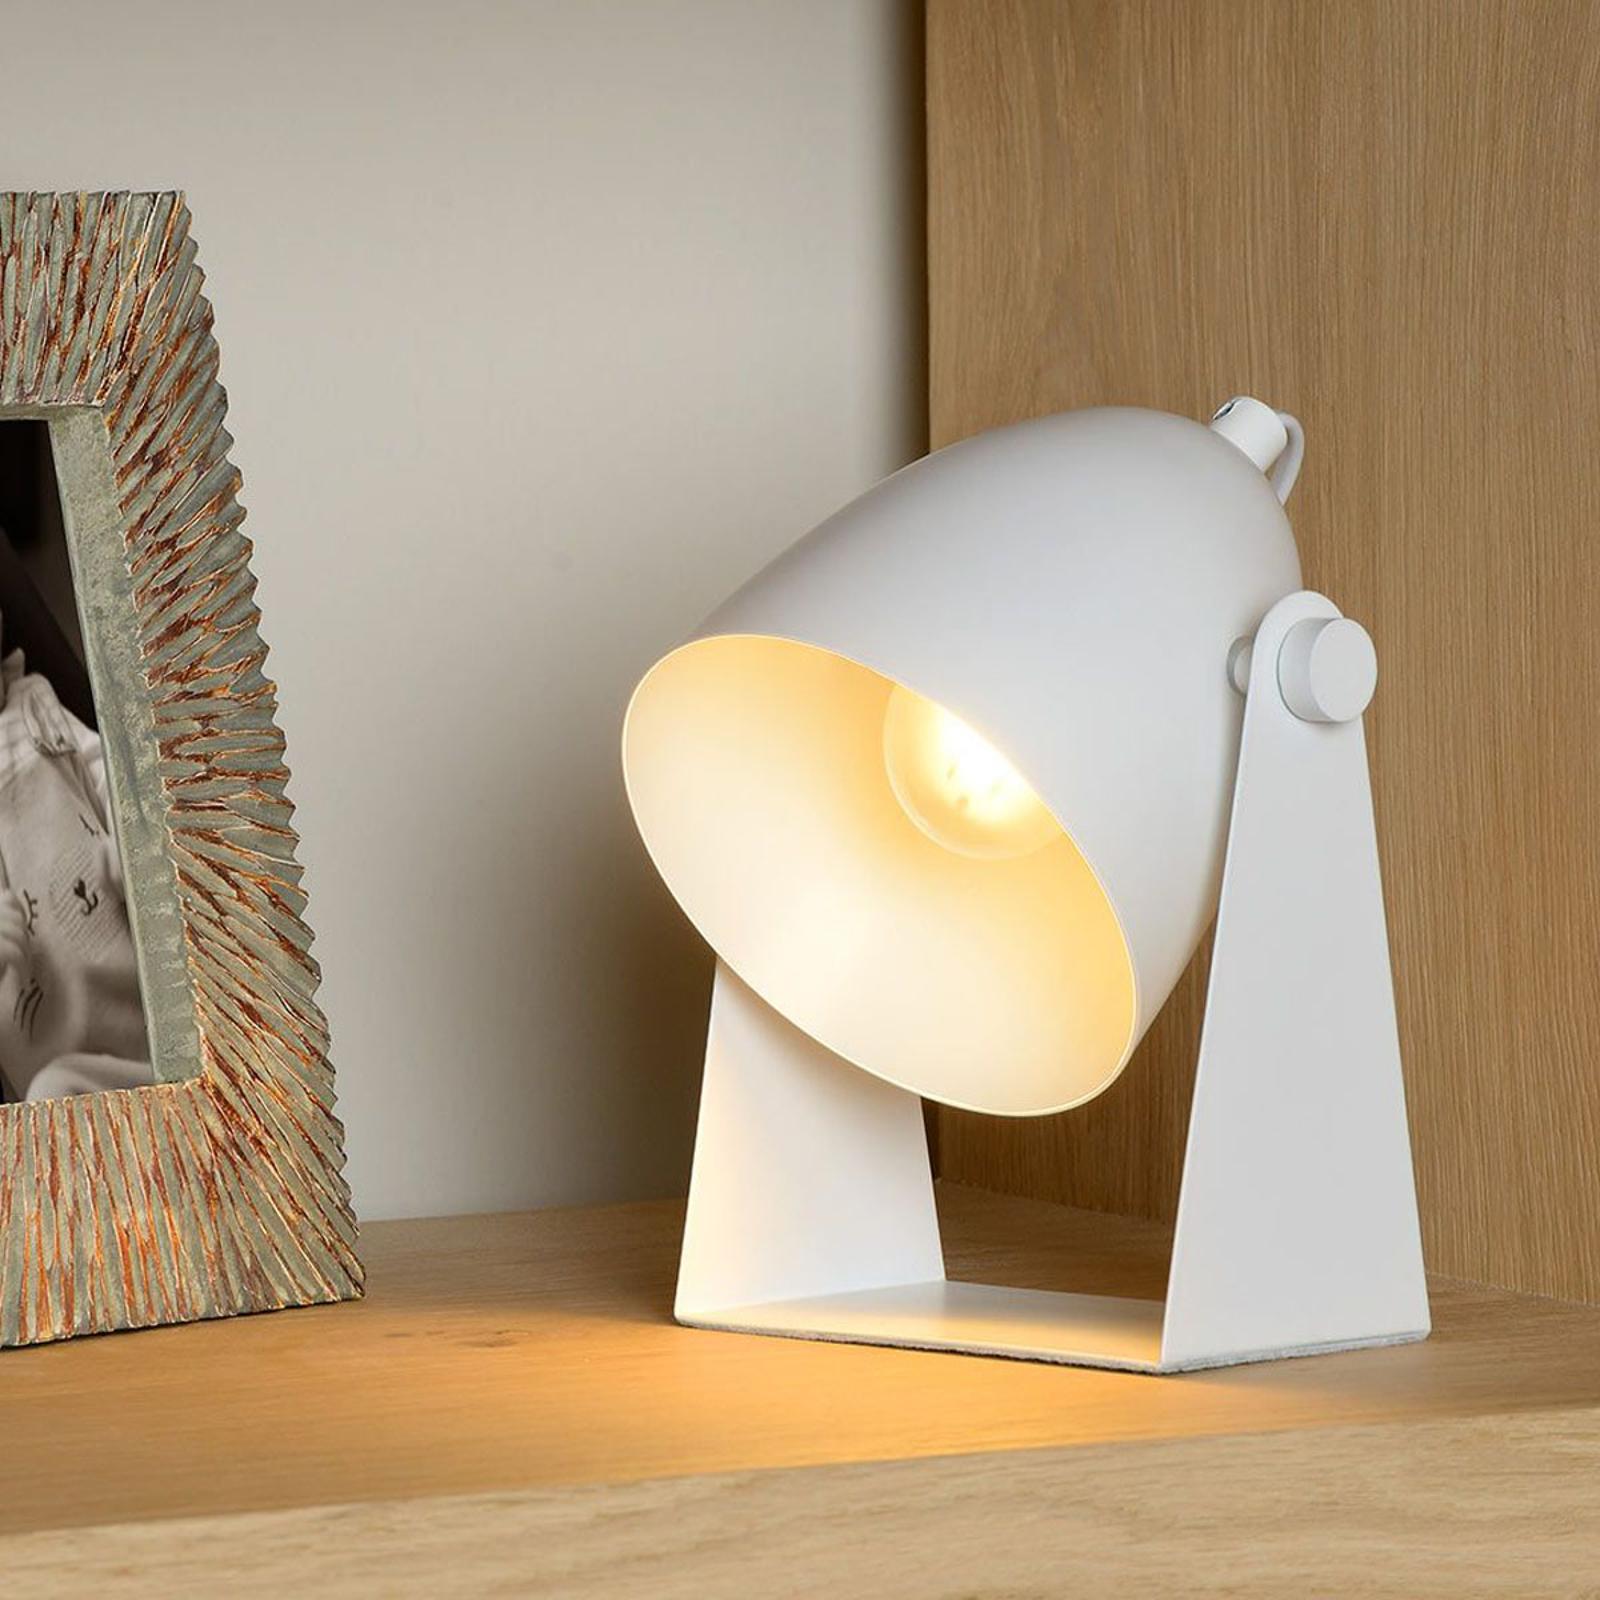 Lampada da tavolo Chago in metallo, colore bianco